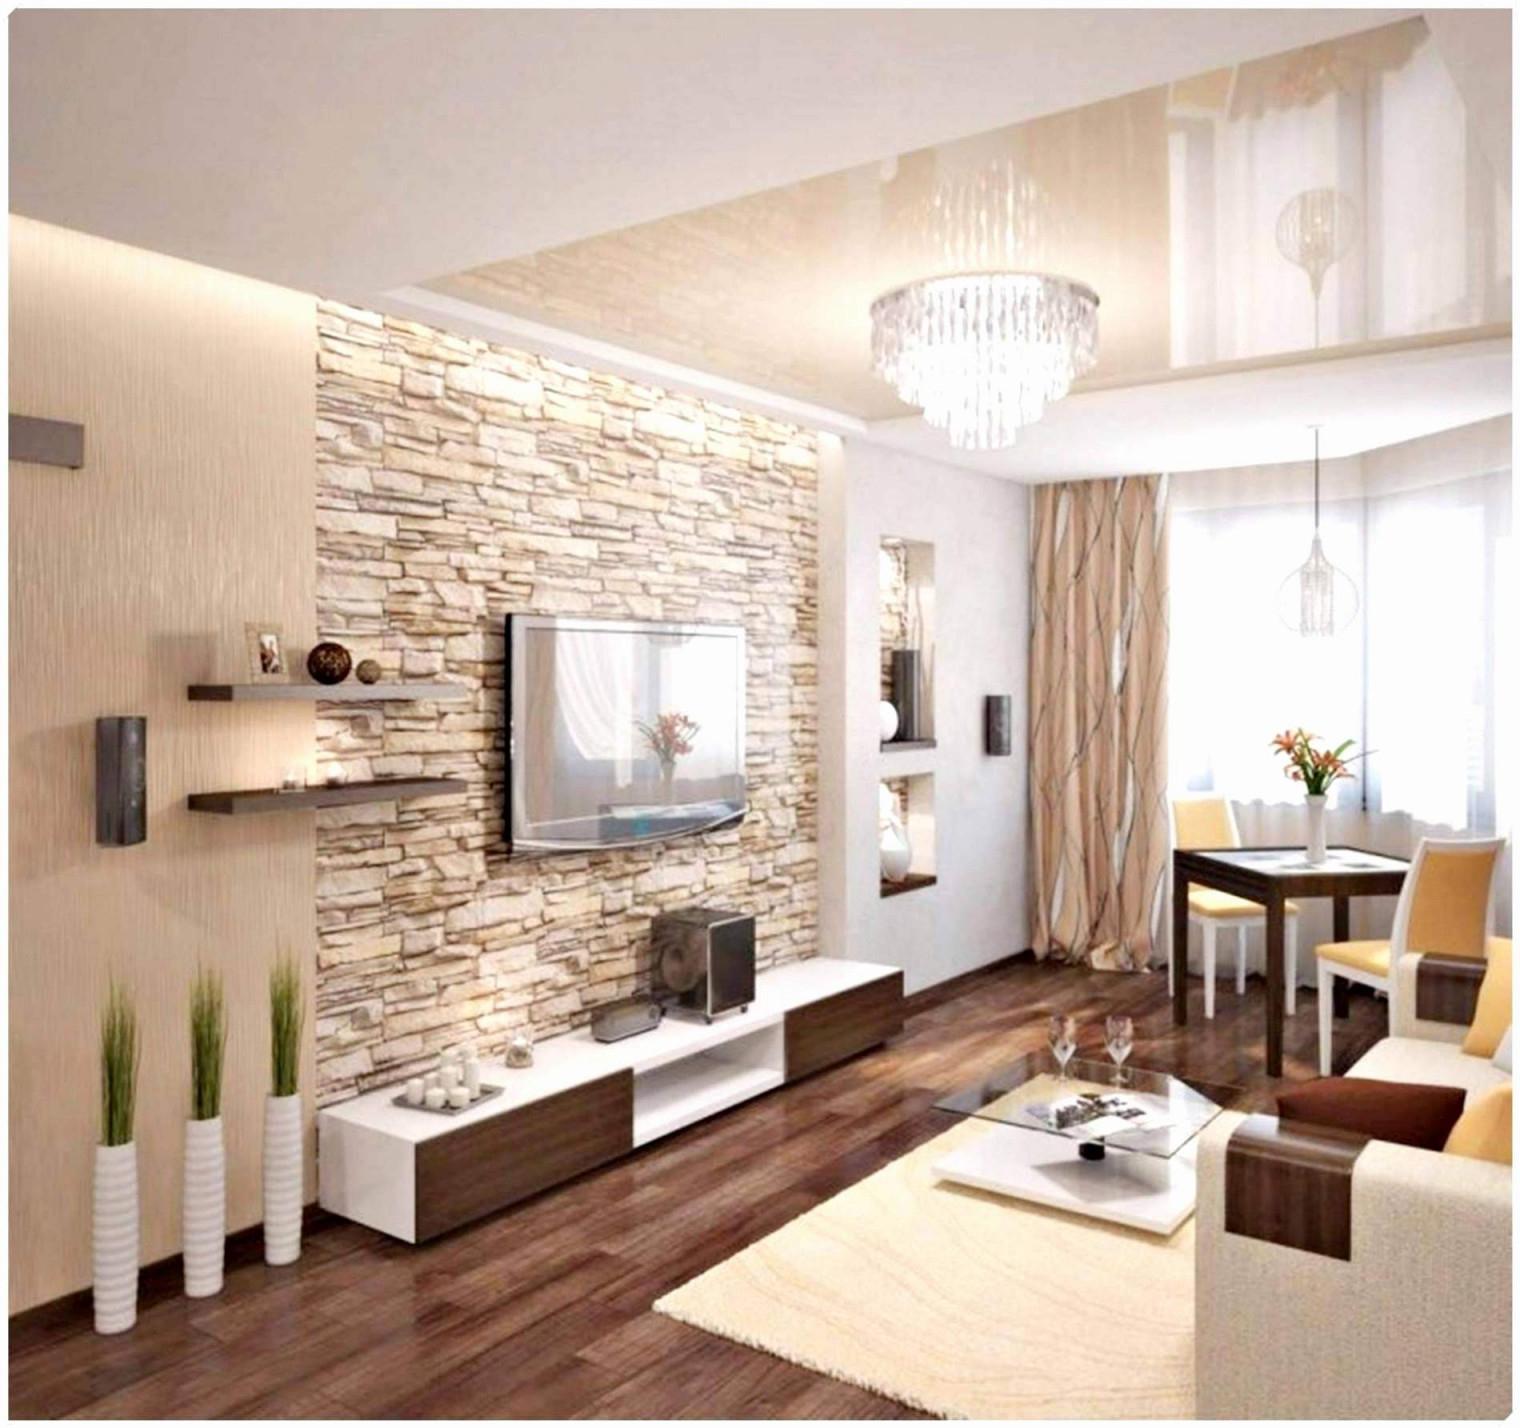 37 Luxus Tapeten Kombinationen Wohnzimmer Reizend von Tapeten Wohnzimmer Ideen Photo